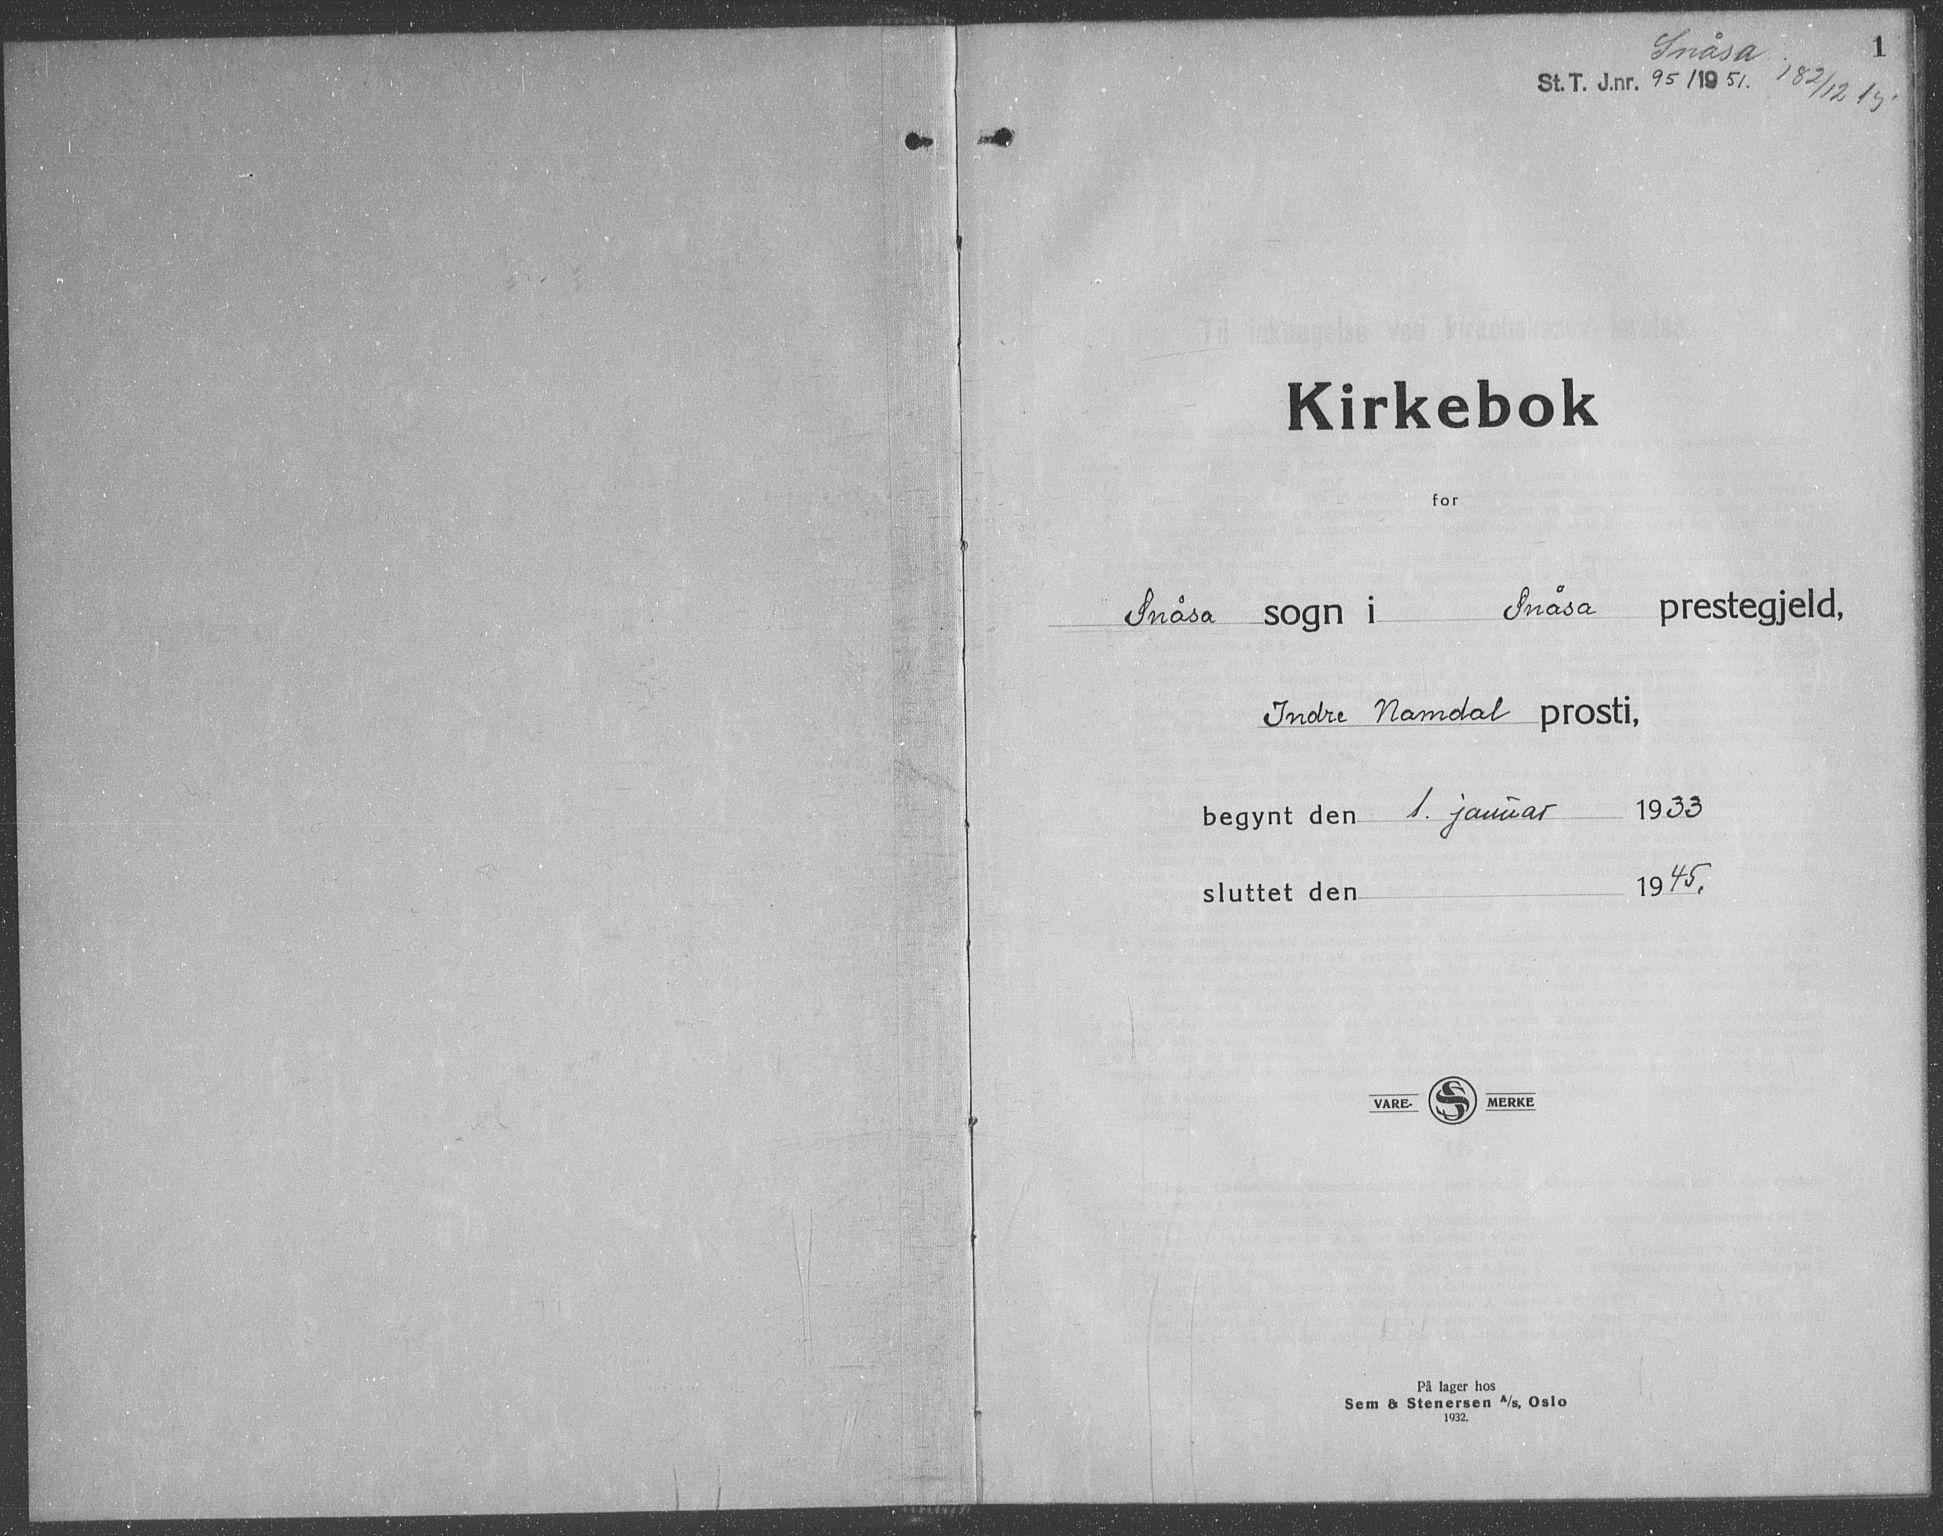 SAT, Ministerialprotokoller, klokkerbøker og fødselsregistre - Nord-Trøndelag, 749/L0481: Klokkerbok nr. 749C03, 1933-1945, s. 1